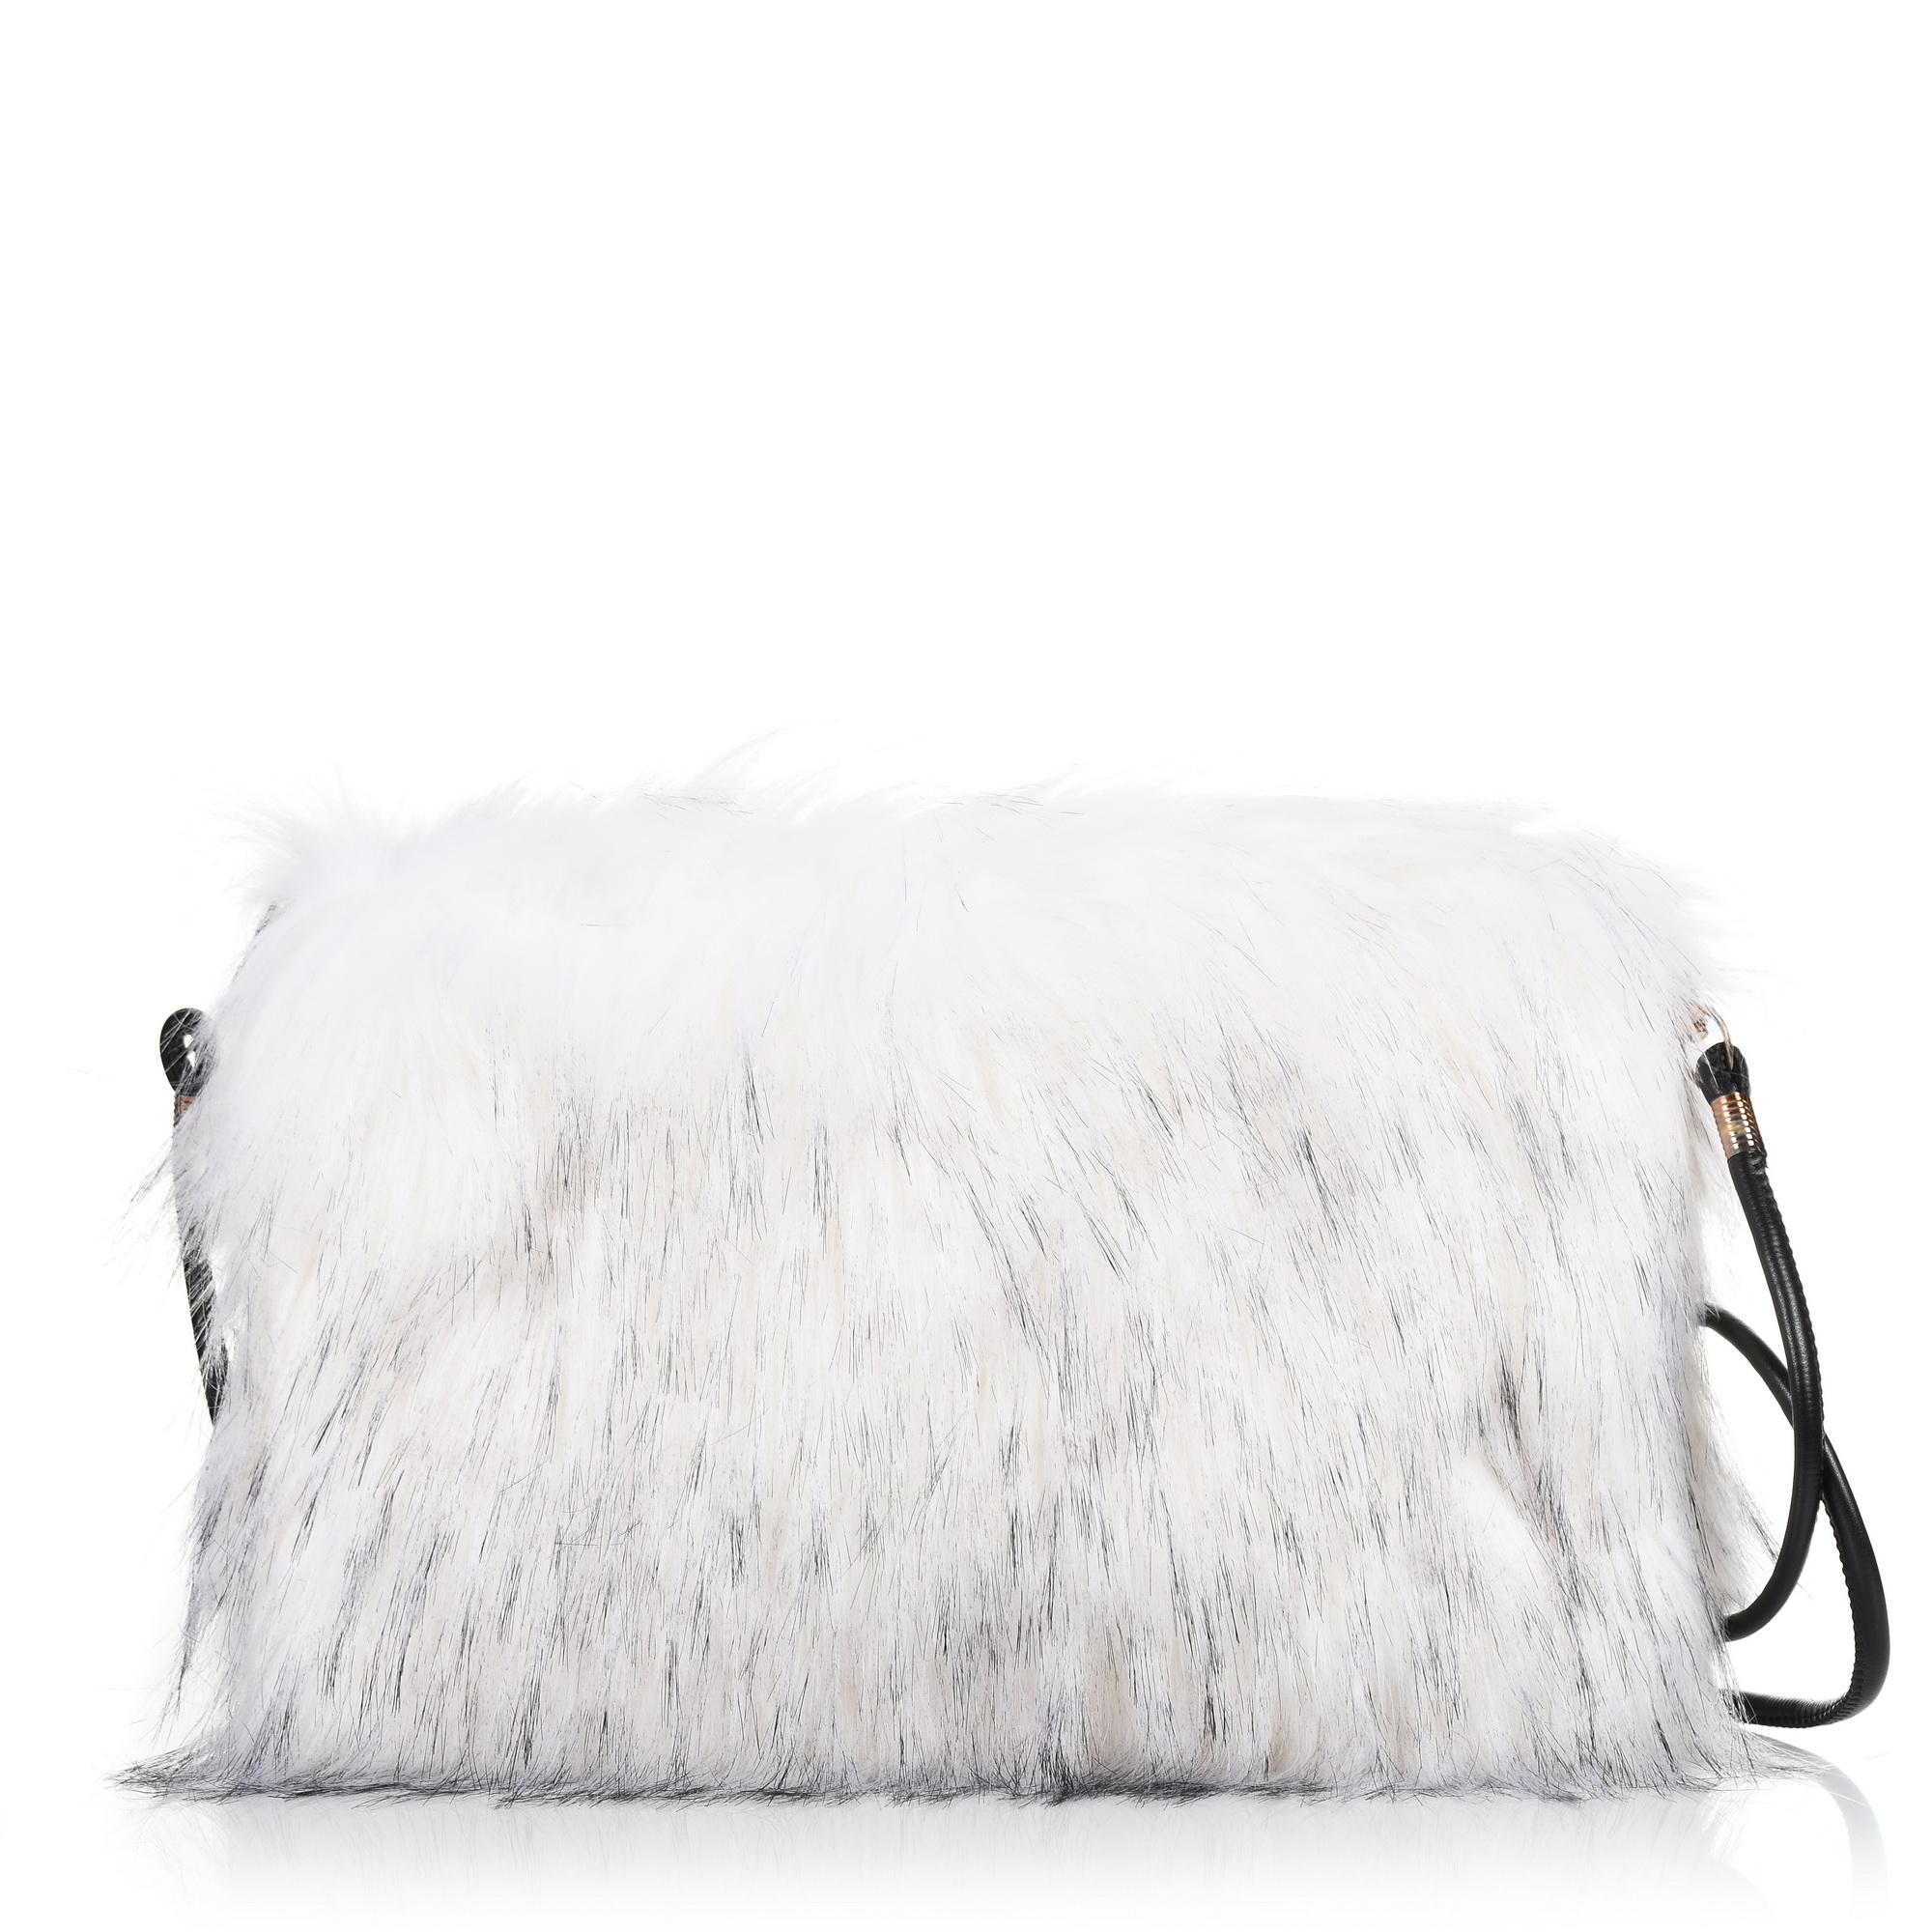 Τσαντάκι Ώμου Brandbags Collection BD0179 γυναικα   γυναικεία τσάντα